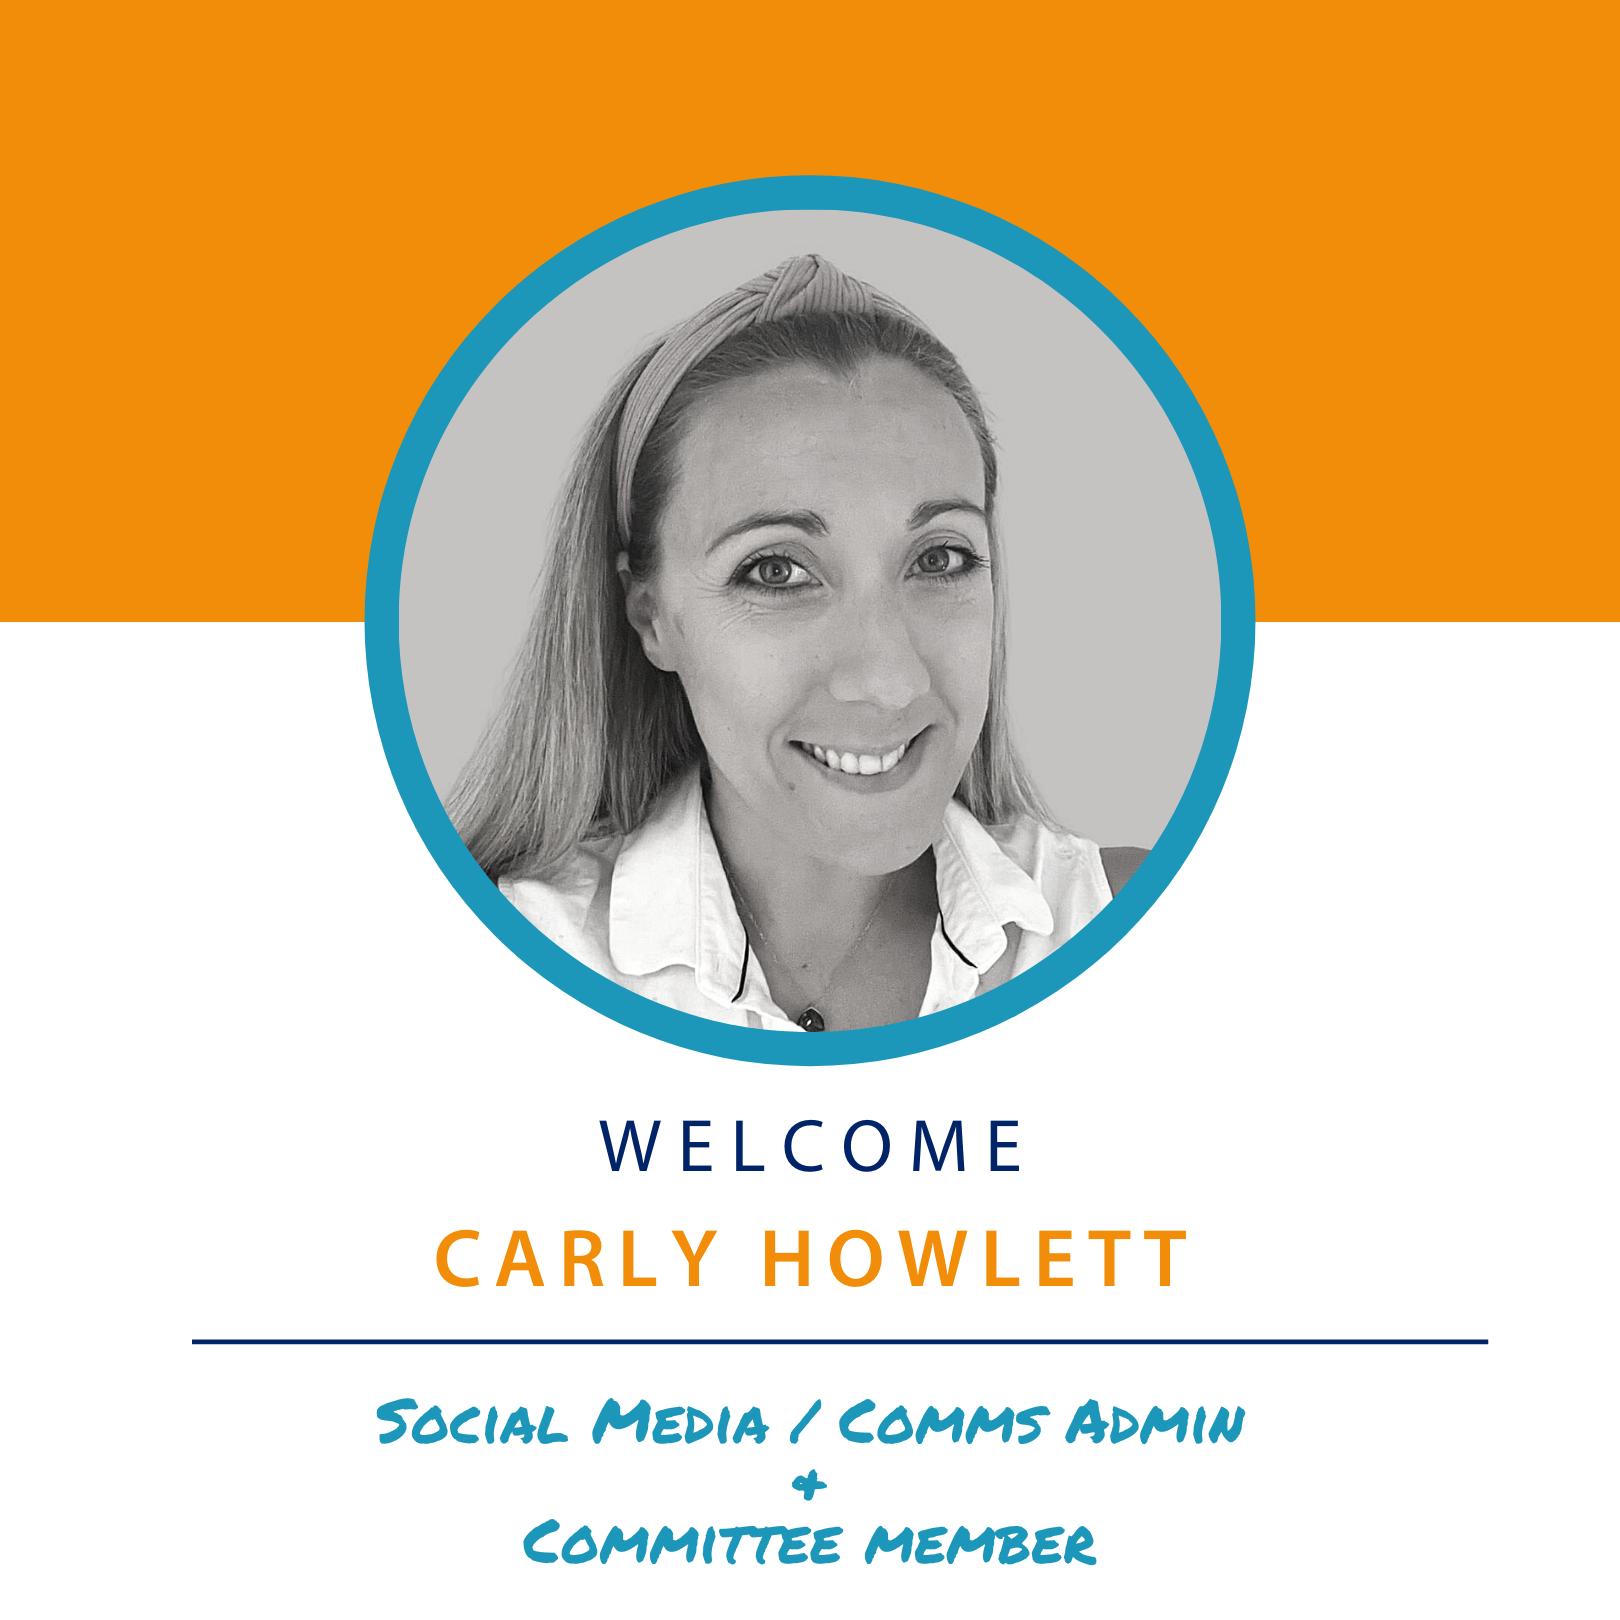 Carly Howlett